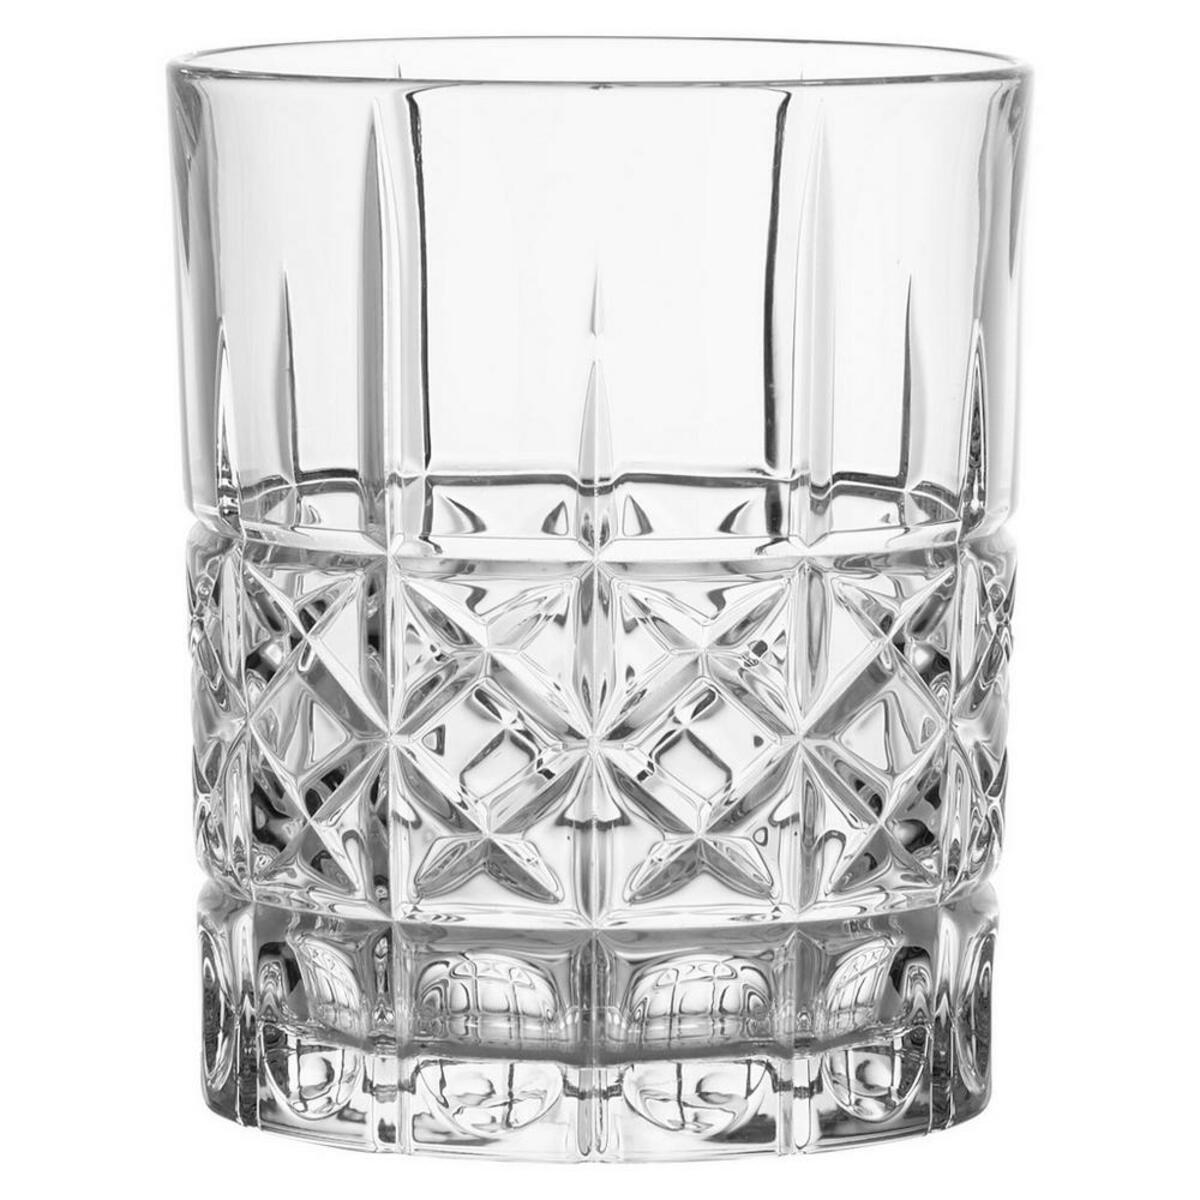 Bild 4 von Whiskygläserset Nachtmann Square 4-teilig